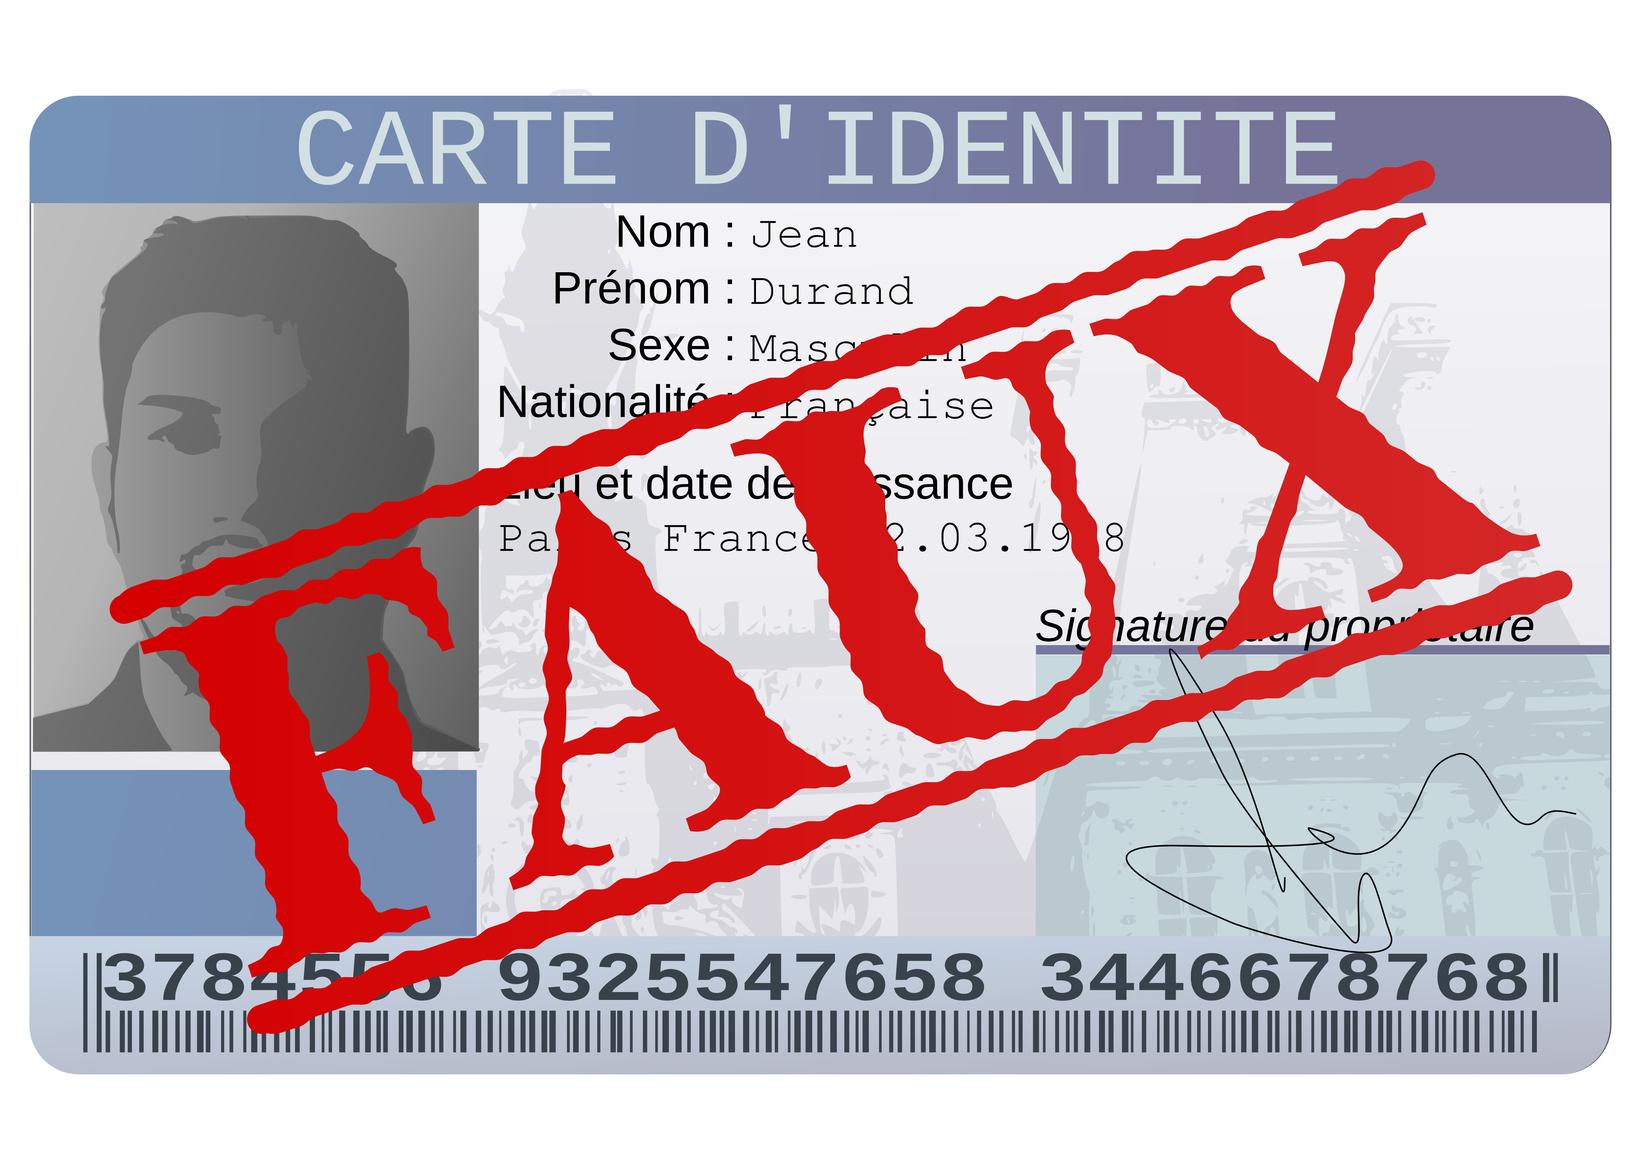 Fausse Carte d'identité